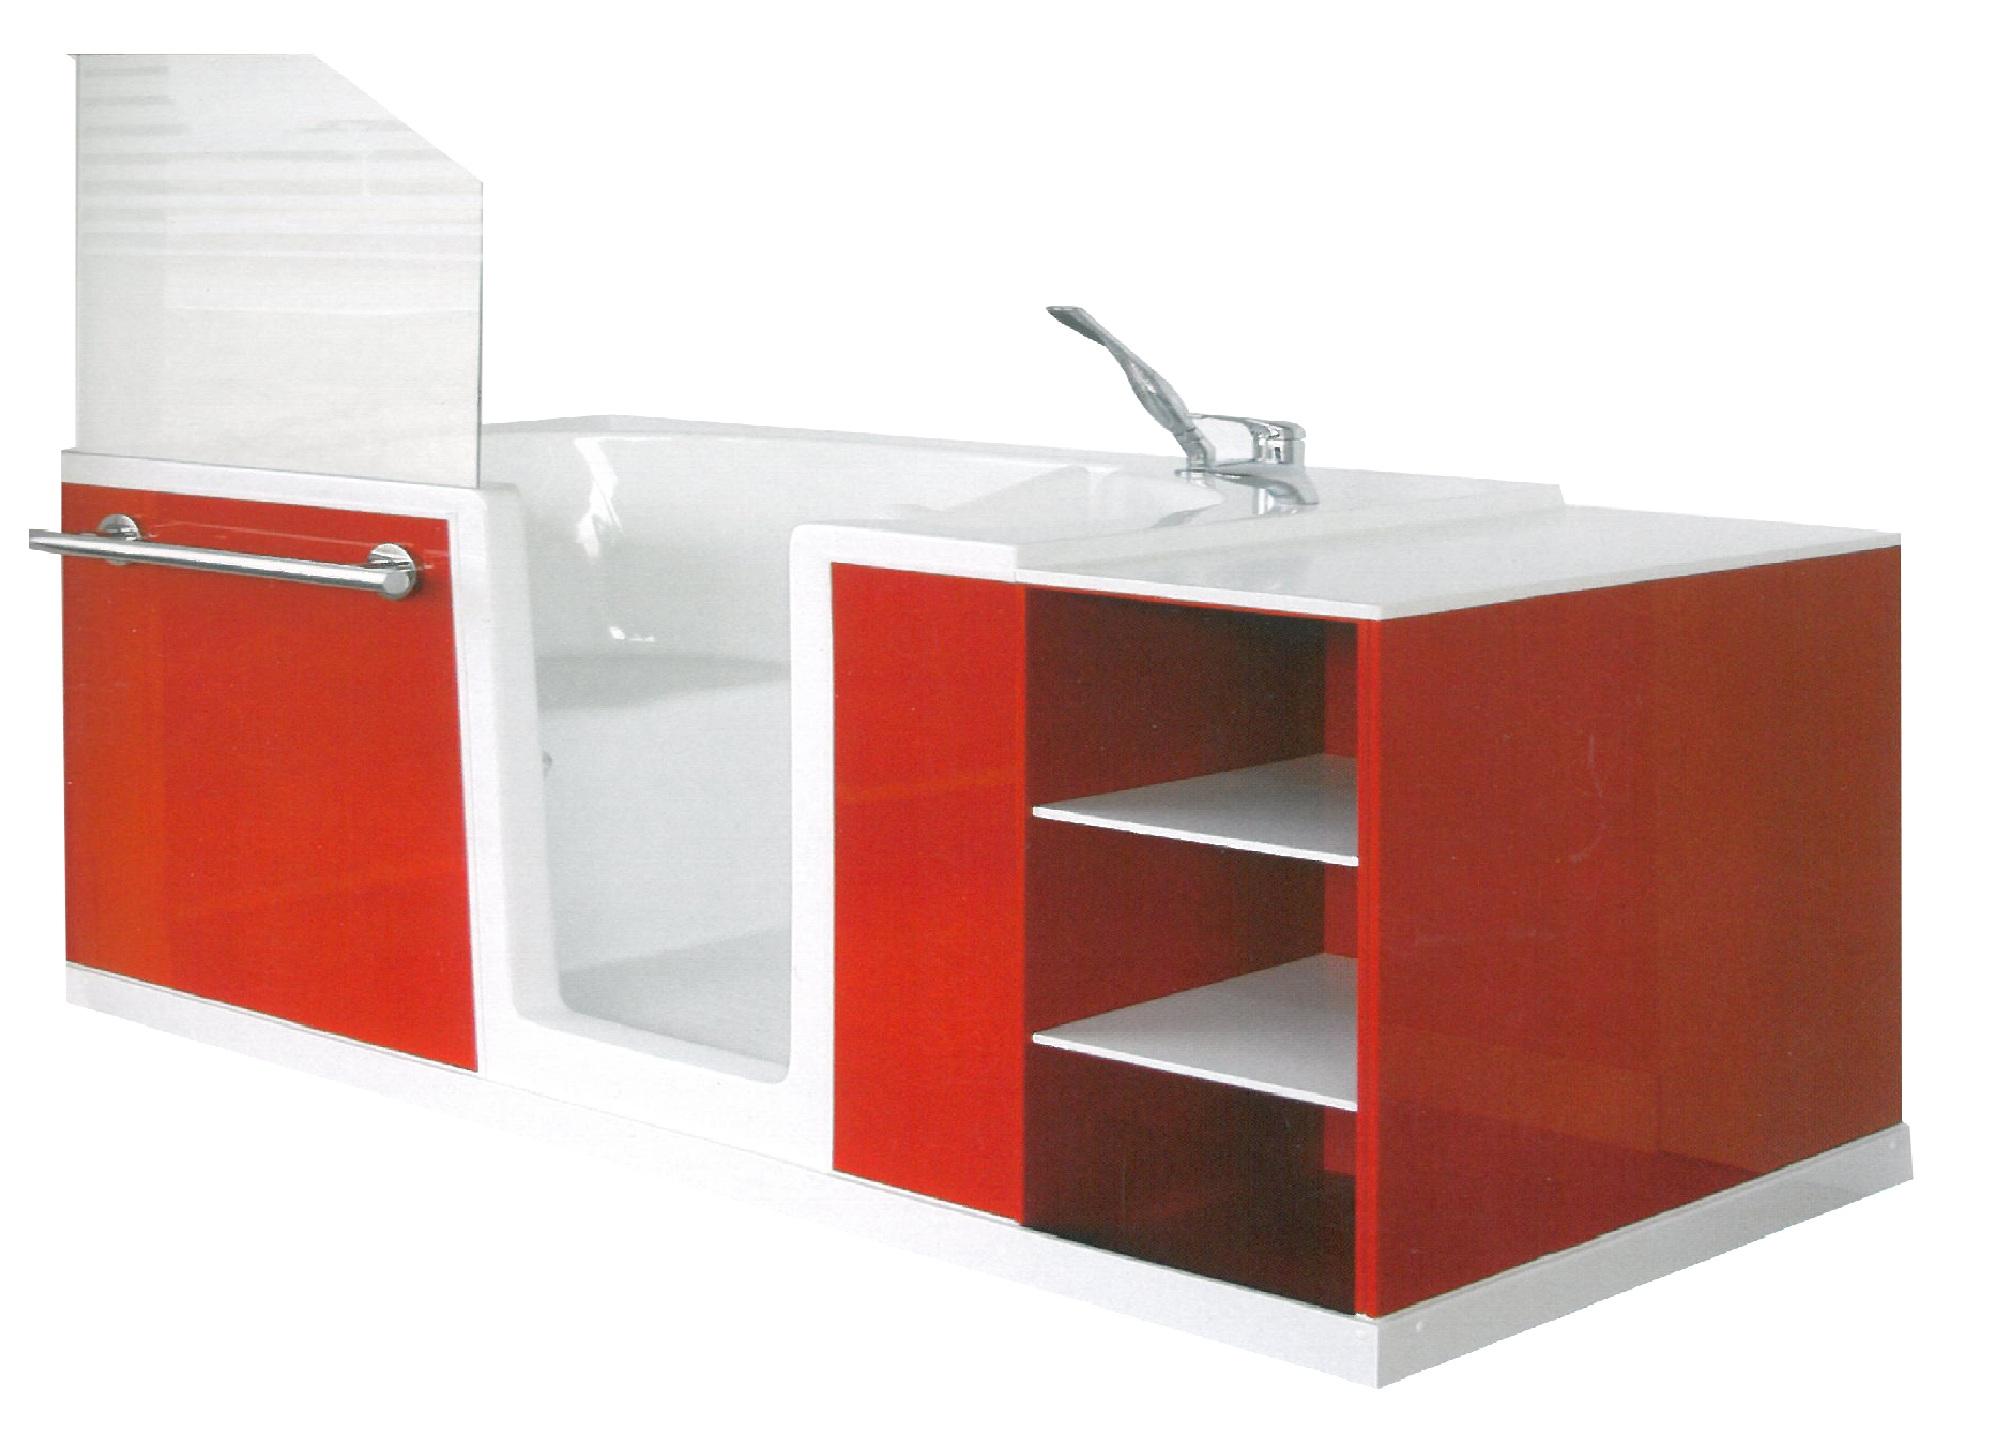 Disanit arz personnalisez votre baignoire porte for Prix baignoire a porte